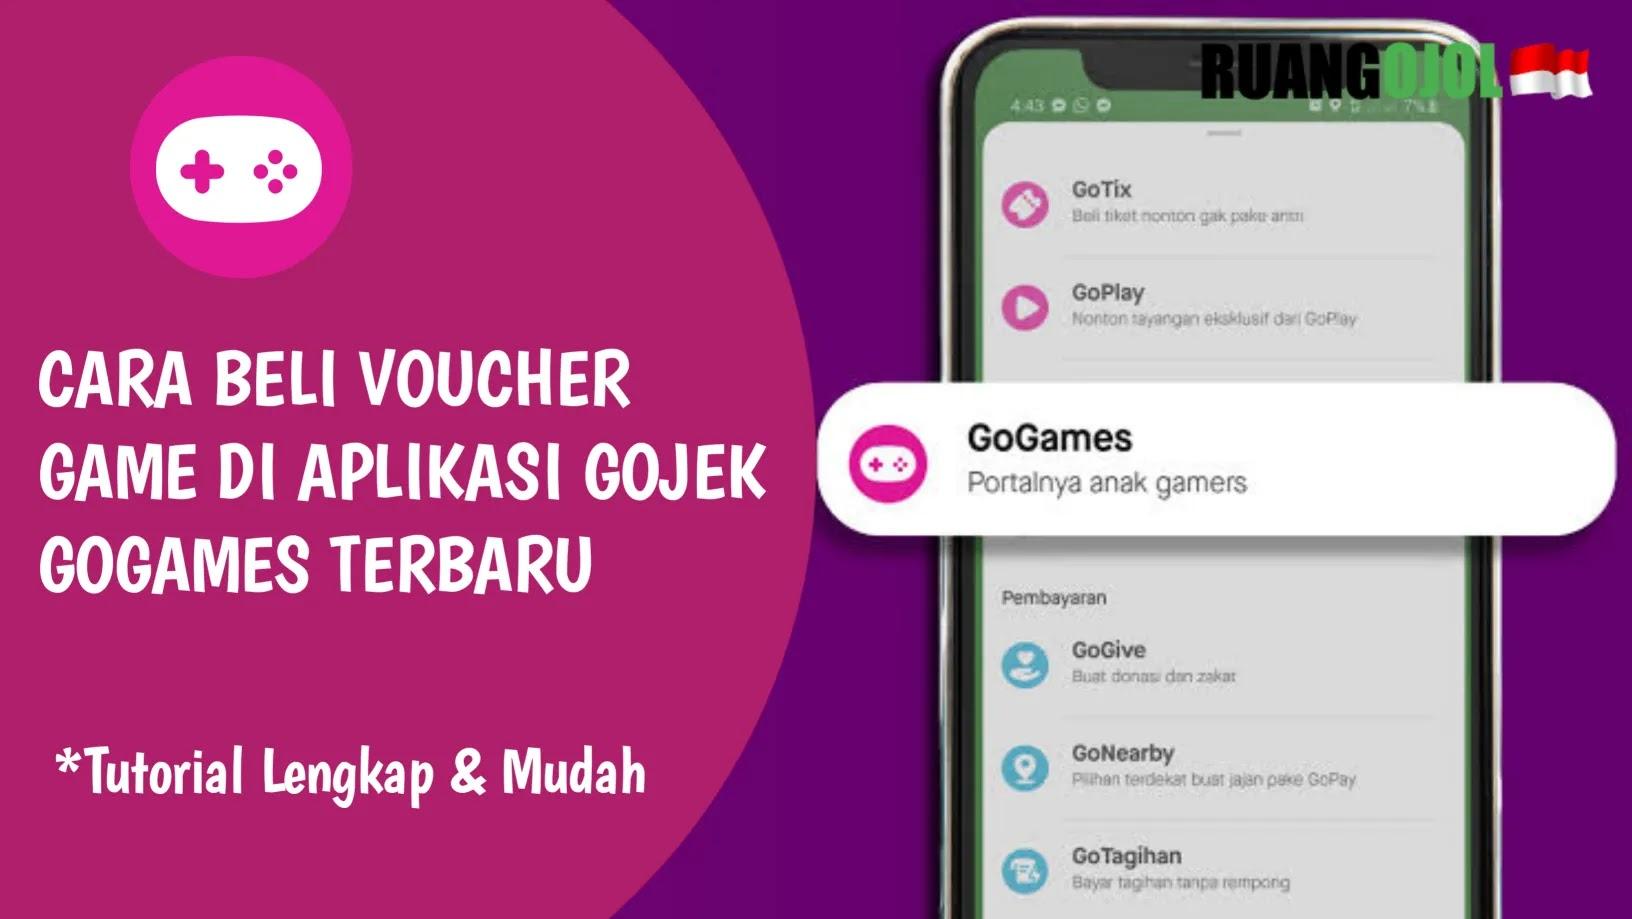 Cara Mudah Beli Voucher Game di Aplikasi Gojek GoGames Terbaru